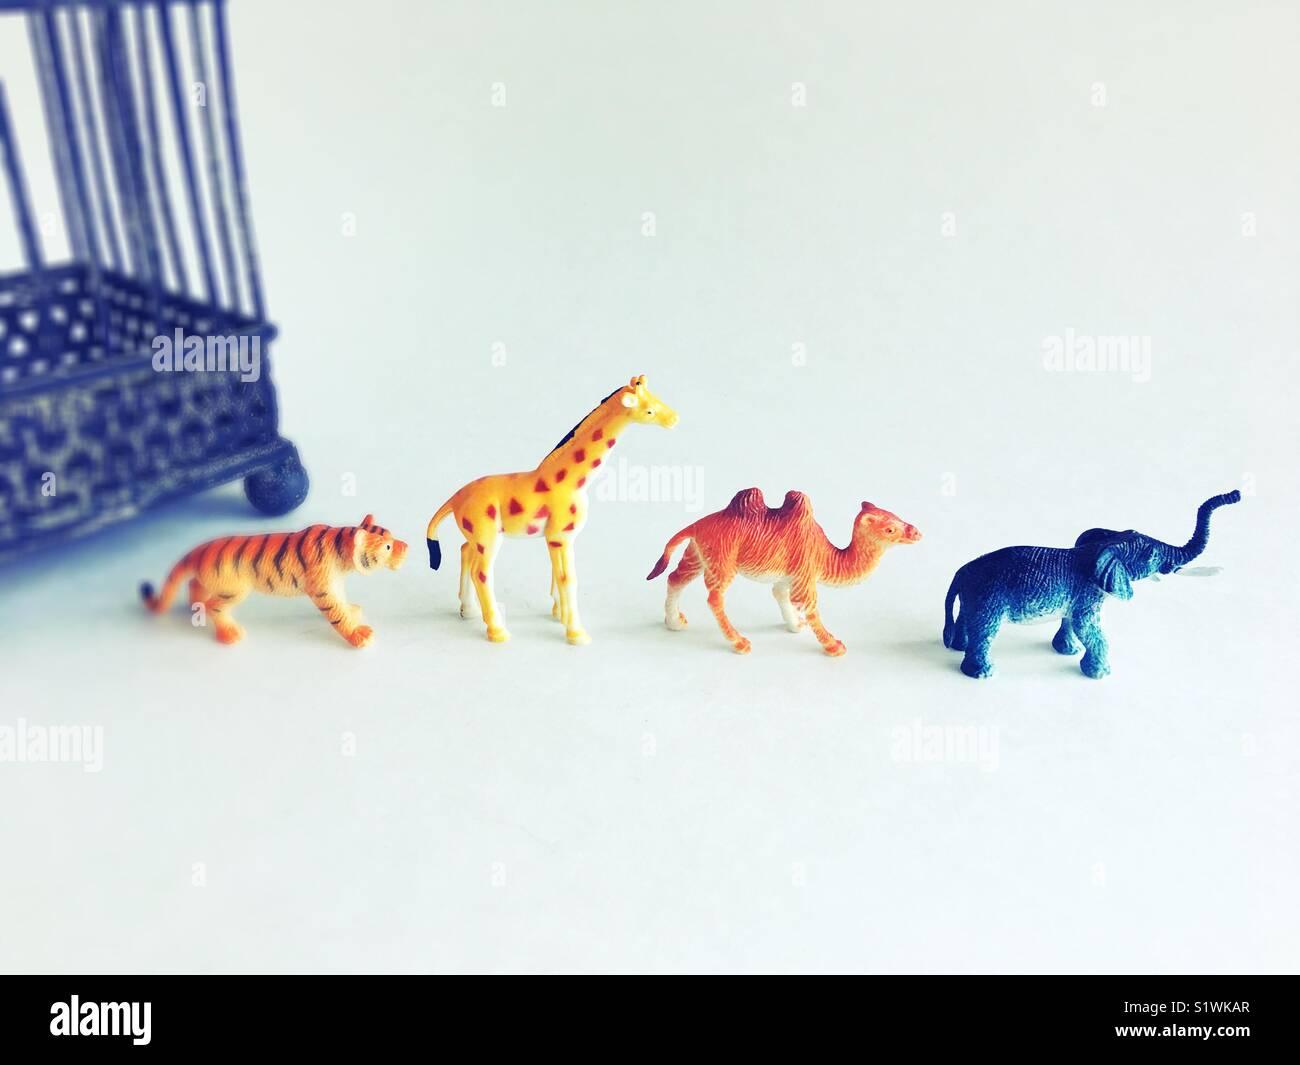 Los animales salvajes de juguete andando desde una jaula. Foto de stock